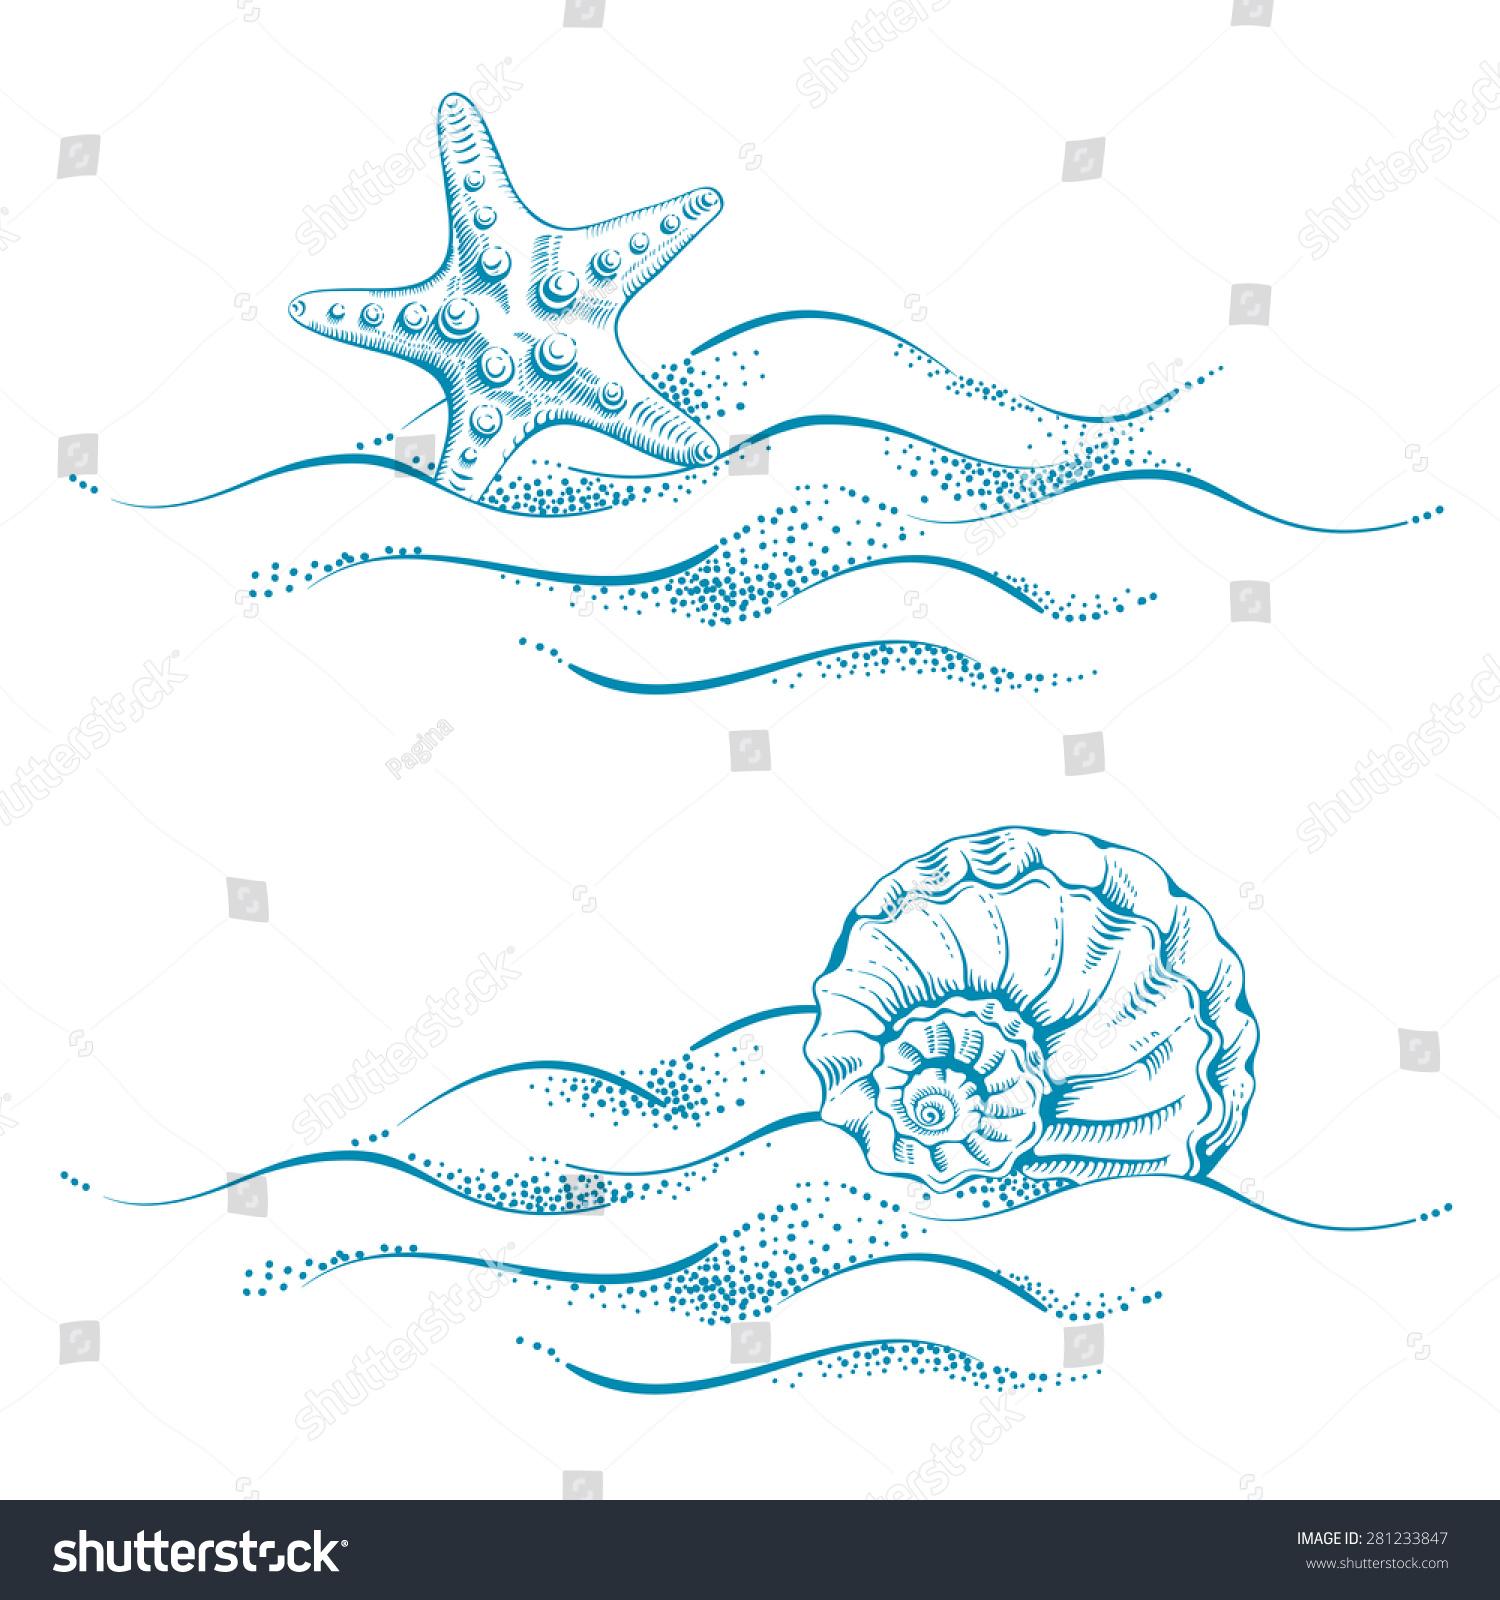 summer sea background sand seashell sea stock vector  summer sea background sand seashell and sea star vector drawn in technique